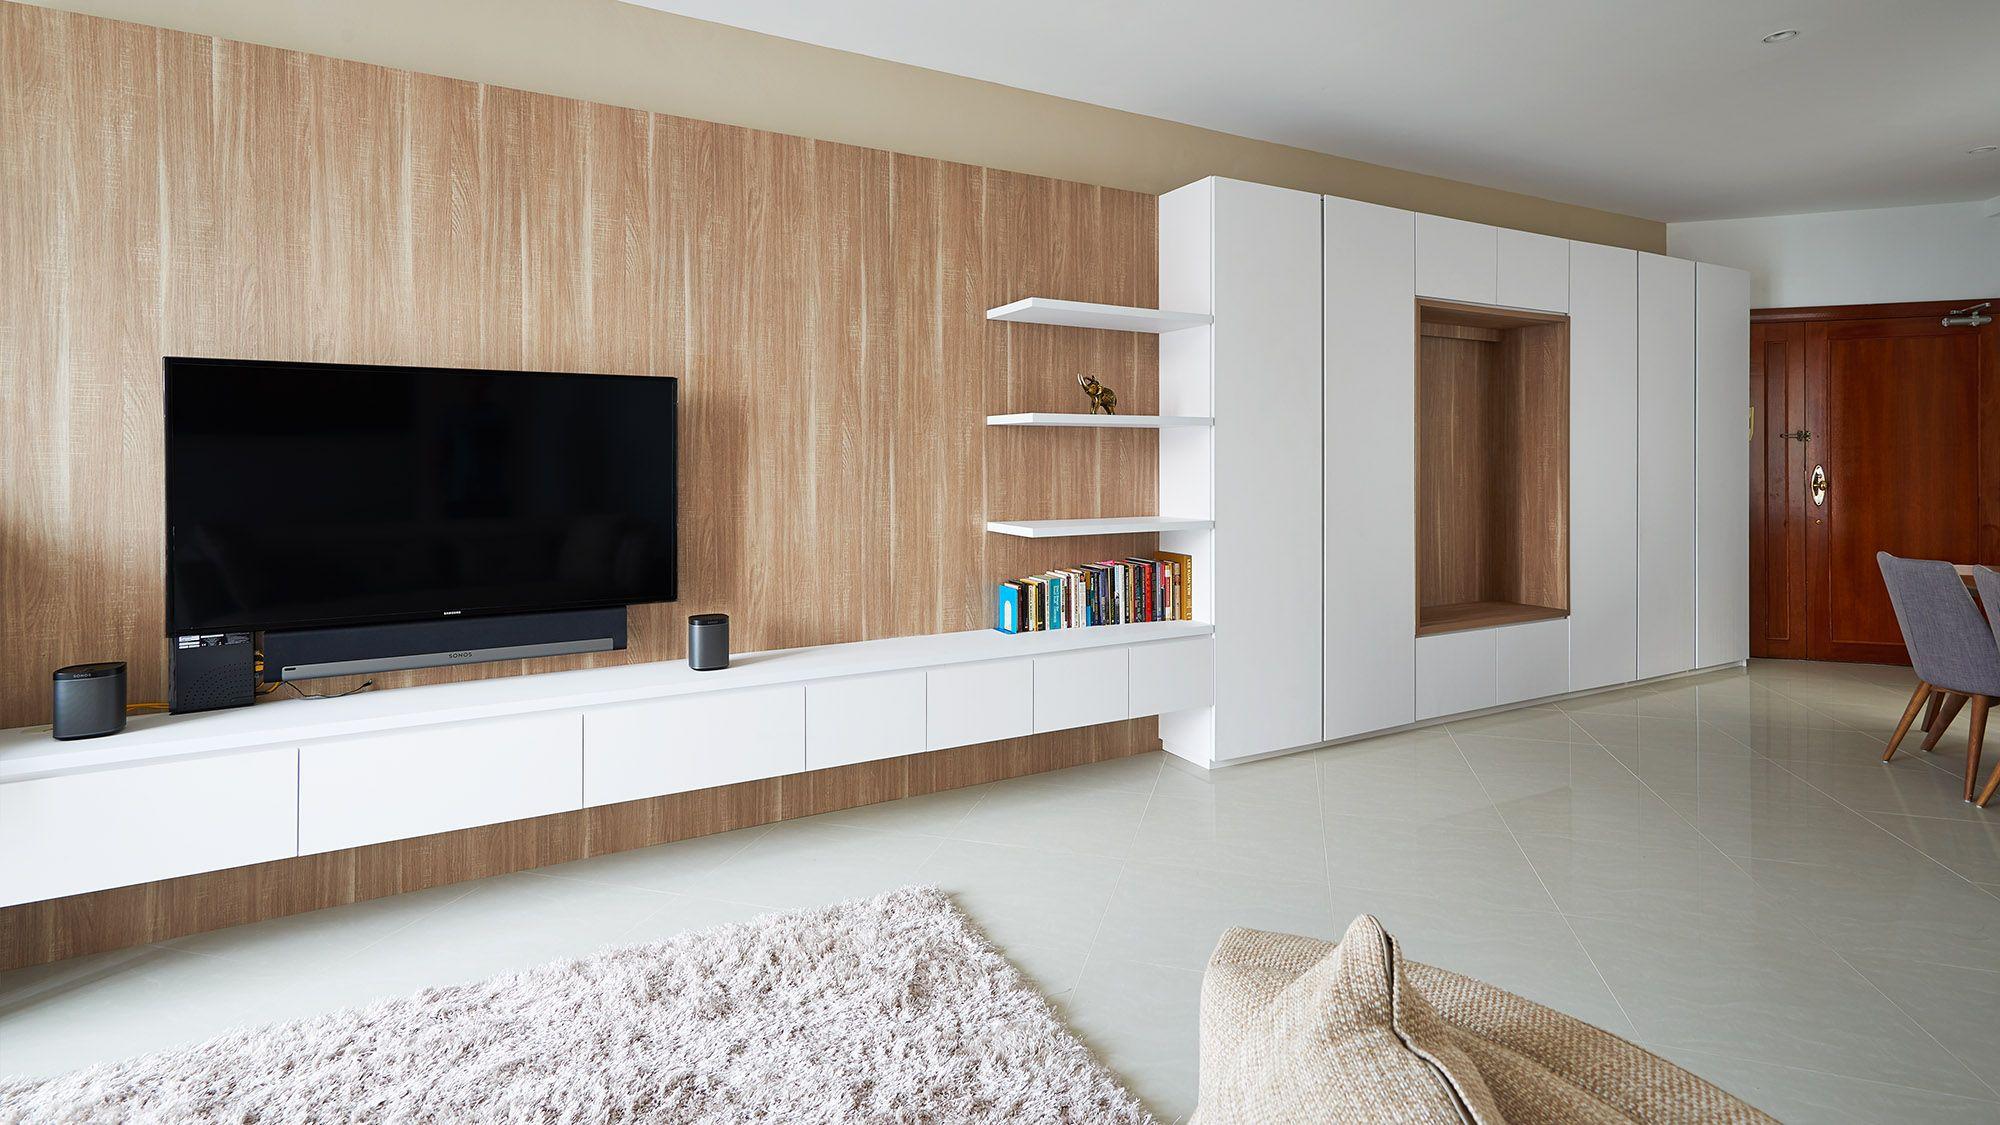 Bayshore Modern Contemporary Home Decor Singapore With